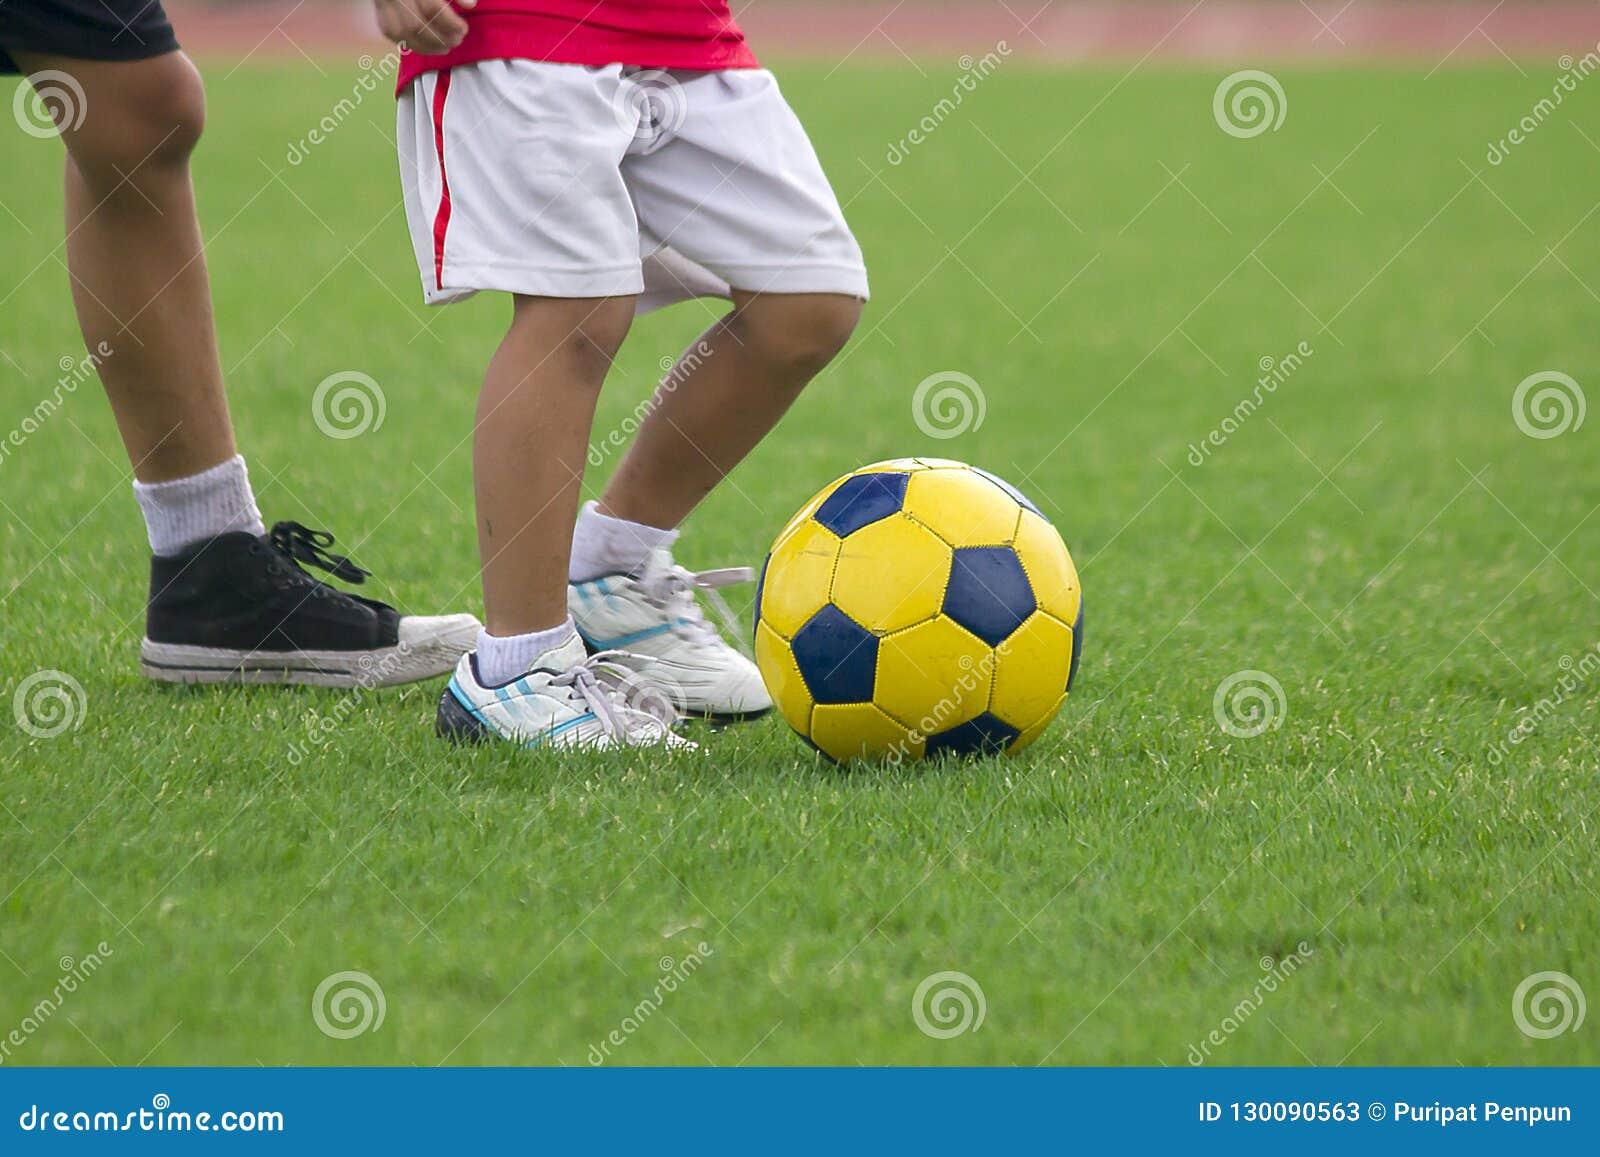 Ben av ungar sparkar fotboll